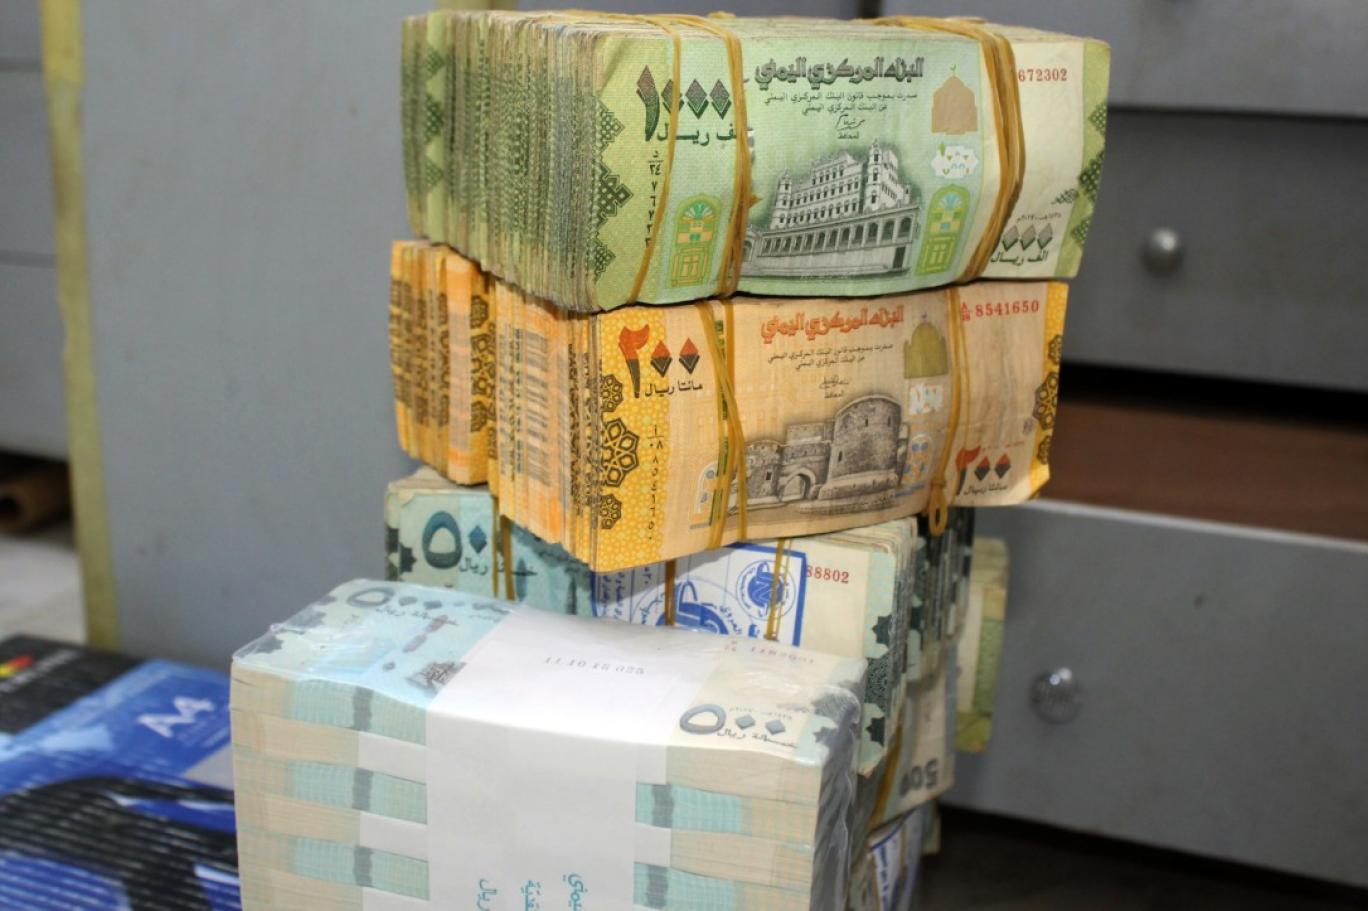 السعر الأن : ارتفاع صاروخي للدولار و السعودي أمام الريال اليمني صباح اليوم الاثنين